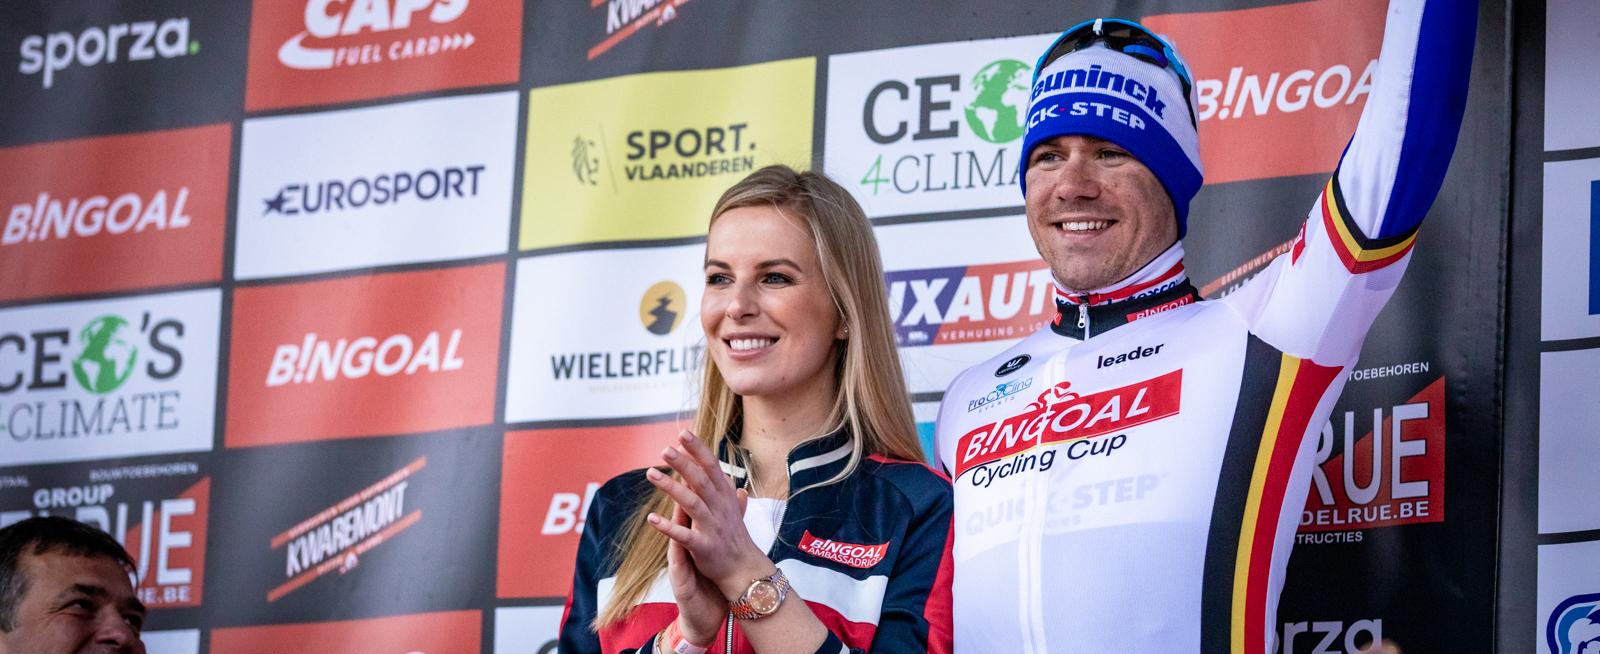 Jakobsen eerste leider Bingoal Cycling Cup 2020